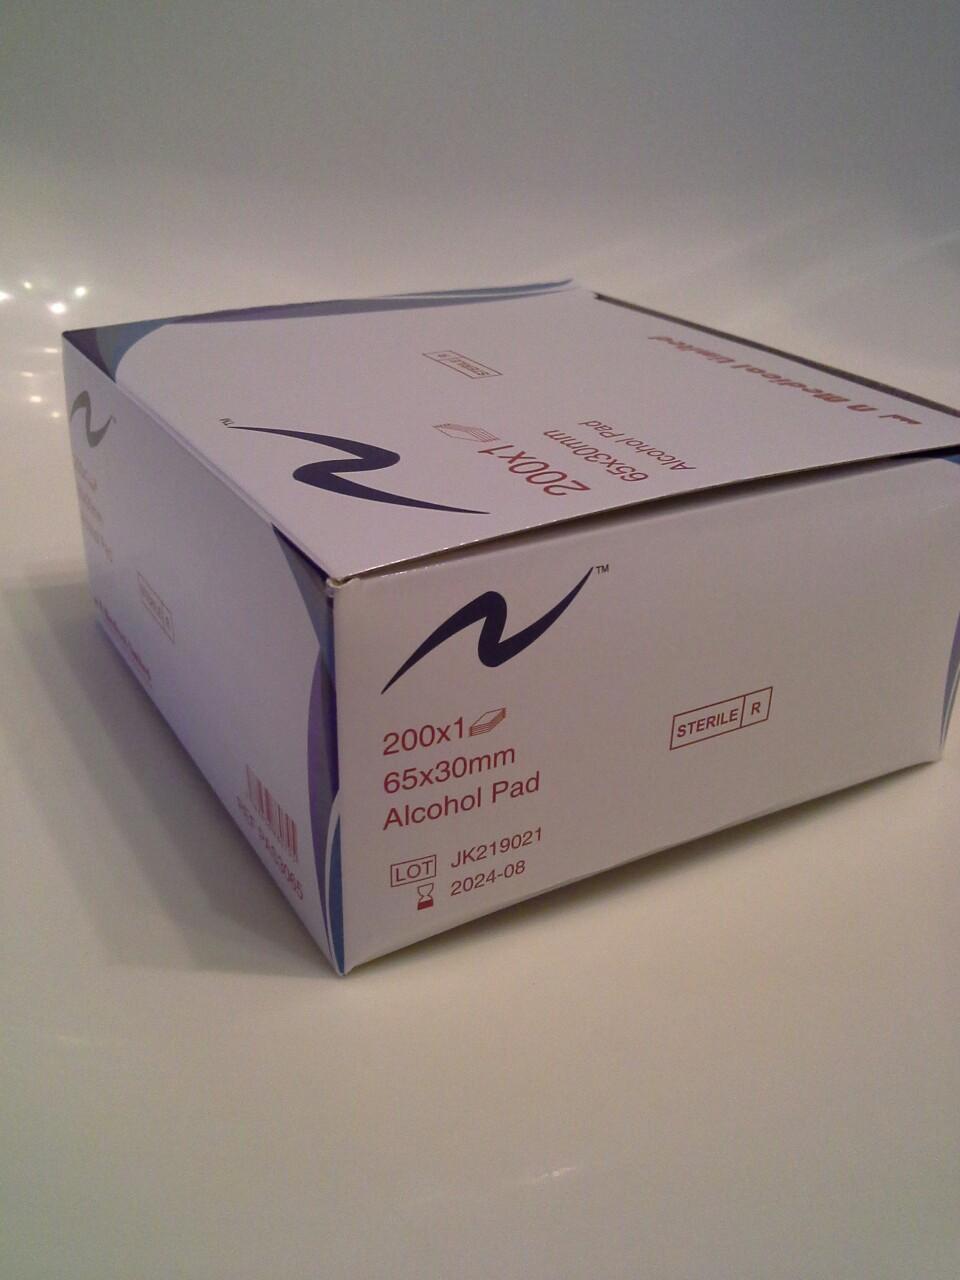 一盒200張 一次性獨立包裝 消毒酒精紙 消毒酒精棉片 注射藥物 清潔消毒 sterile alcohol pad alcohol swabs alcohol preps 65 x 30 mm 返工返學 户內戶外 防禦措施